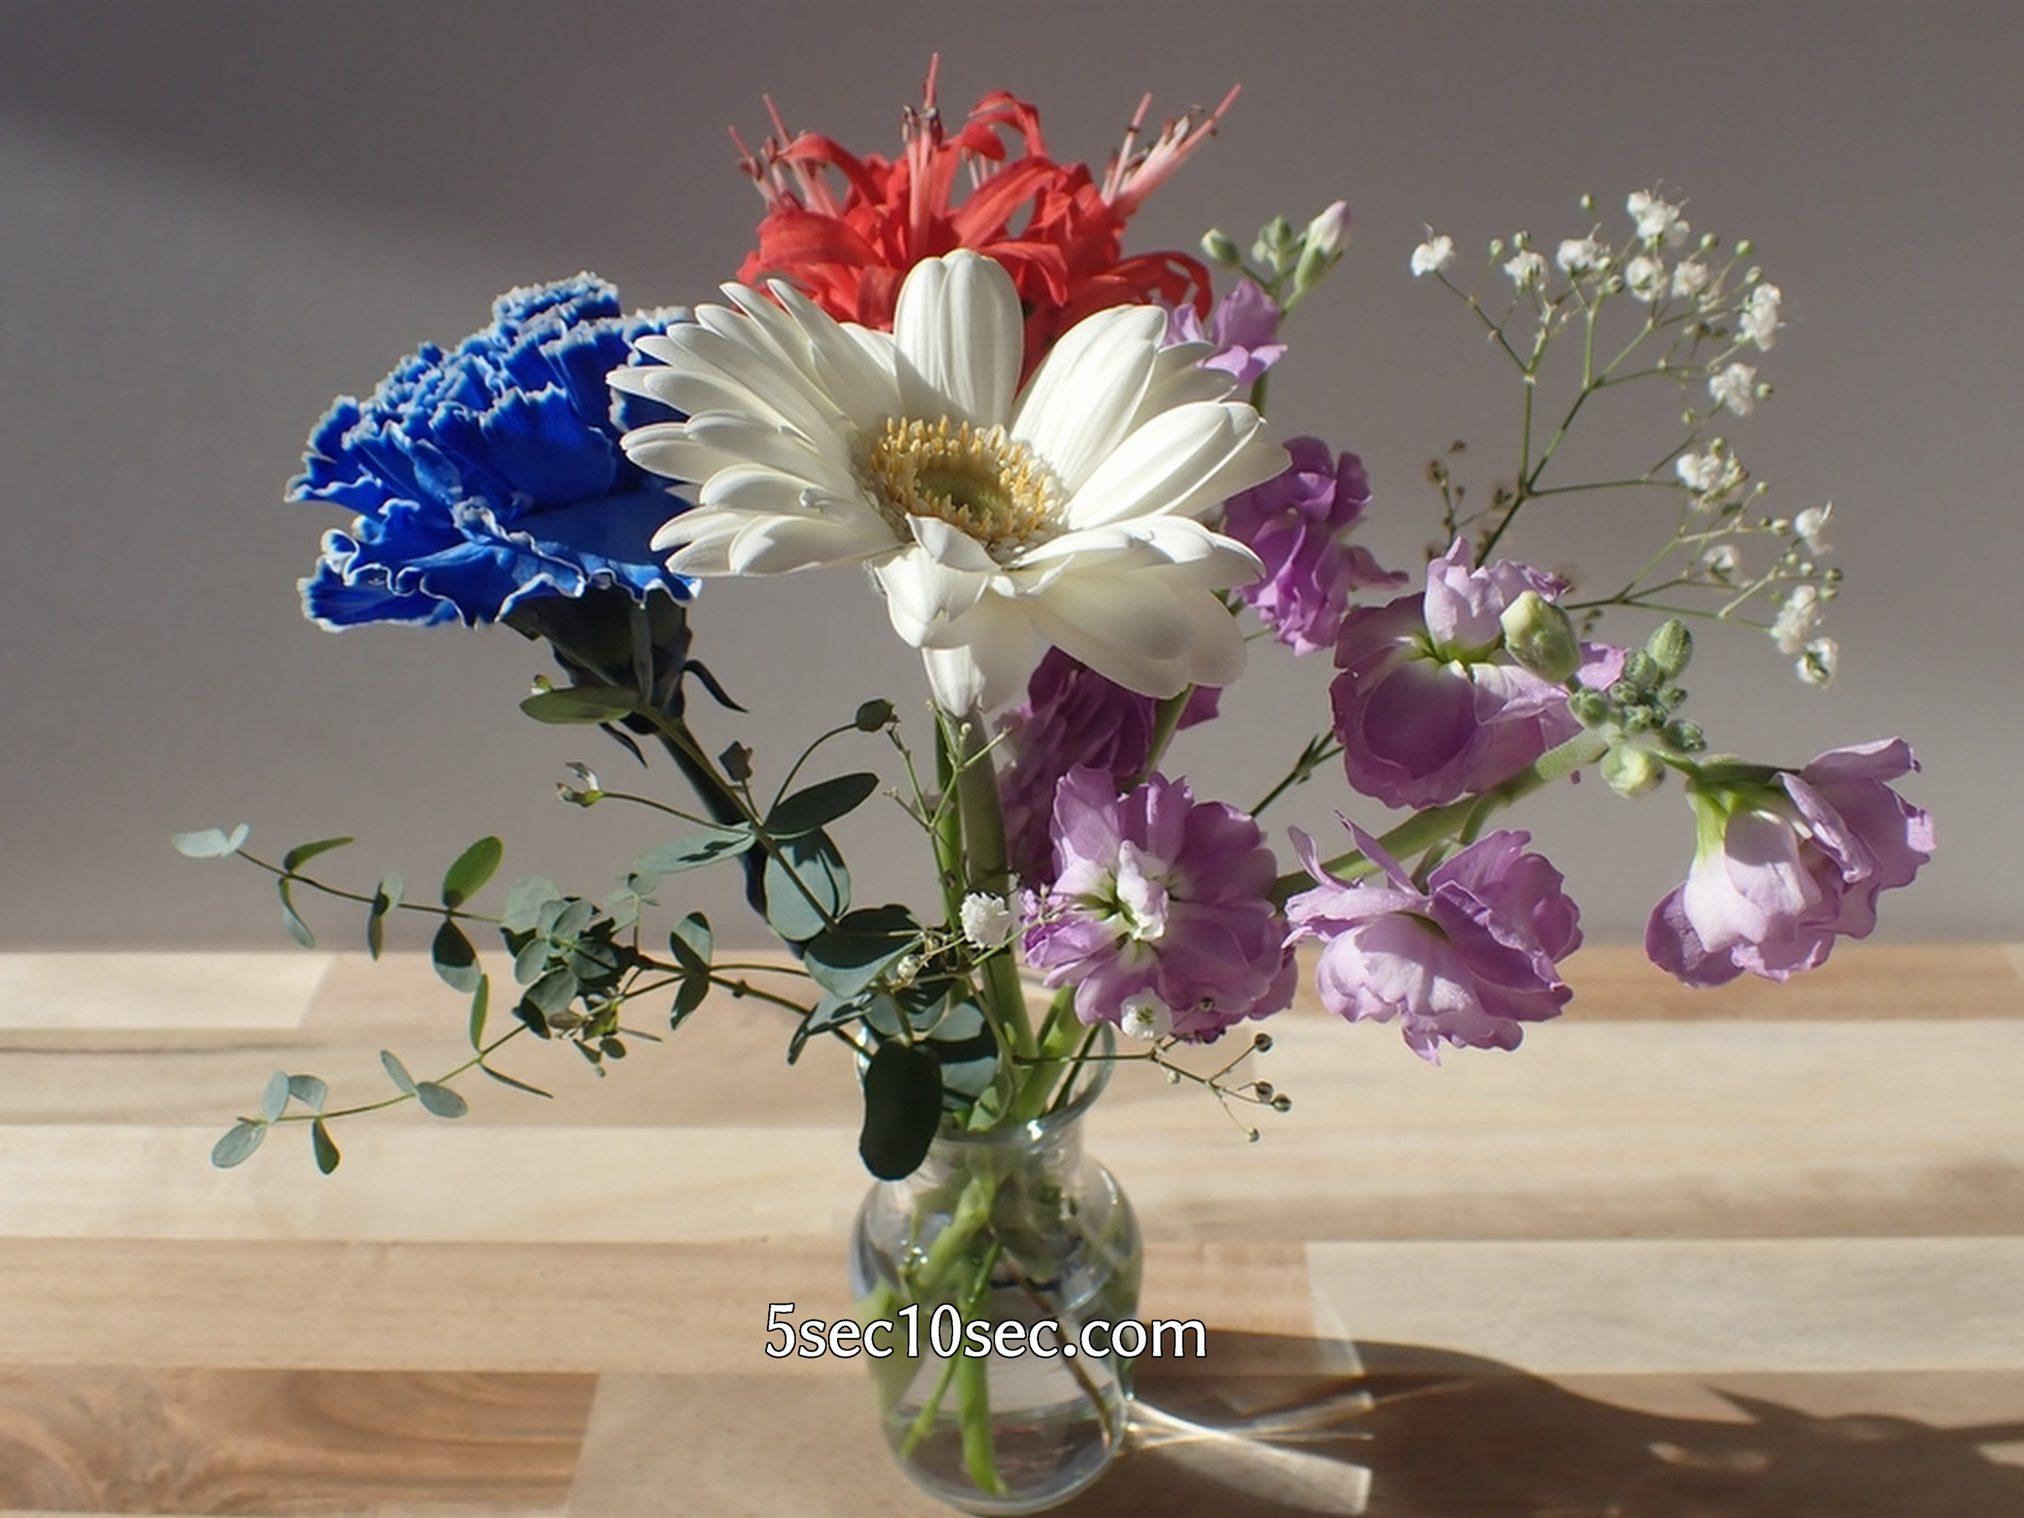 株式会社Crunch Style お花の定期便 Bloomee LIFE ブルーミーライフ 800円のレギュラープラン 花瓶の向きを変えてガーベラやストックを前にしても綺麗です